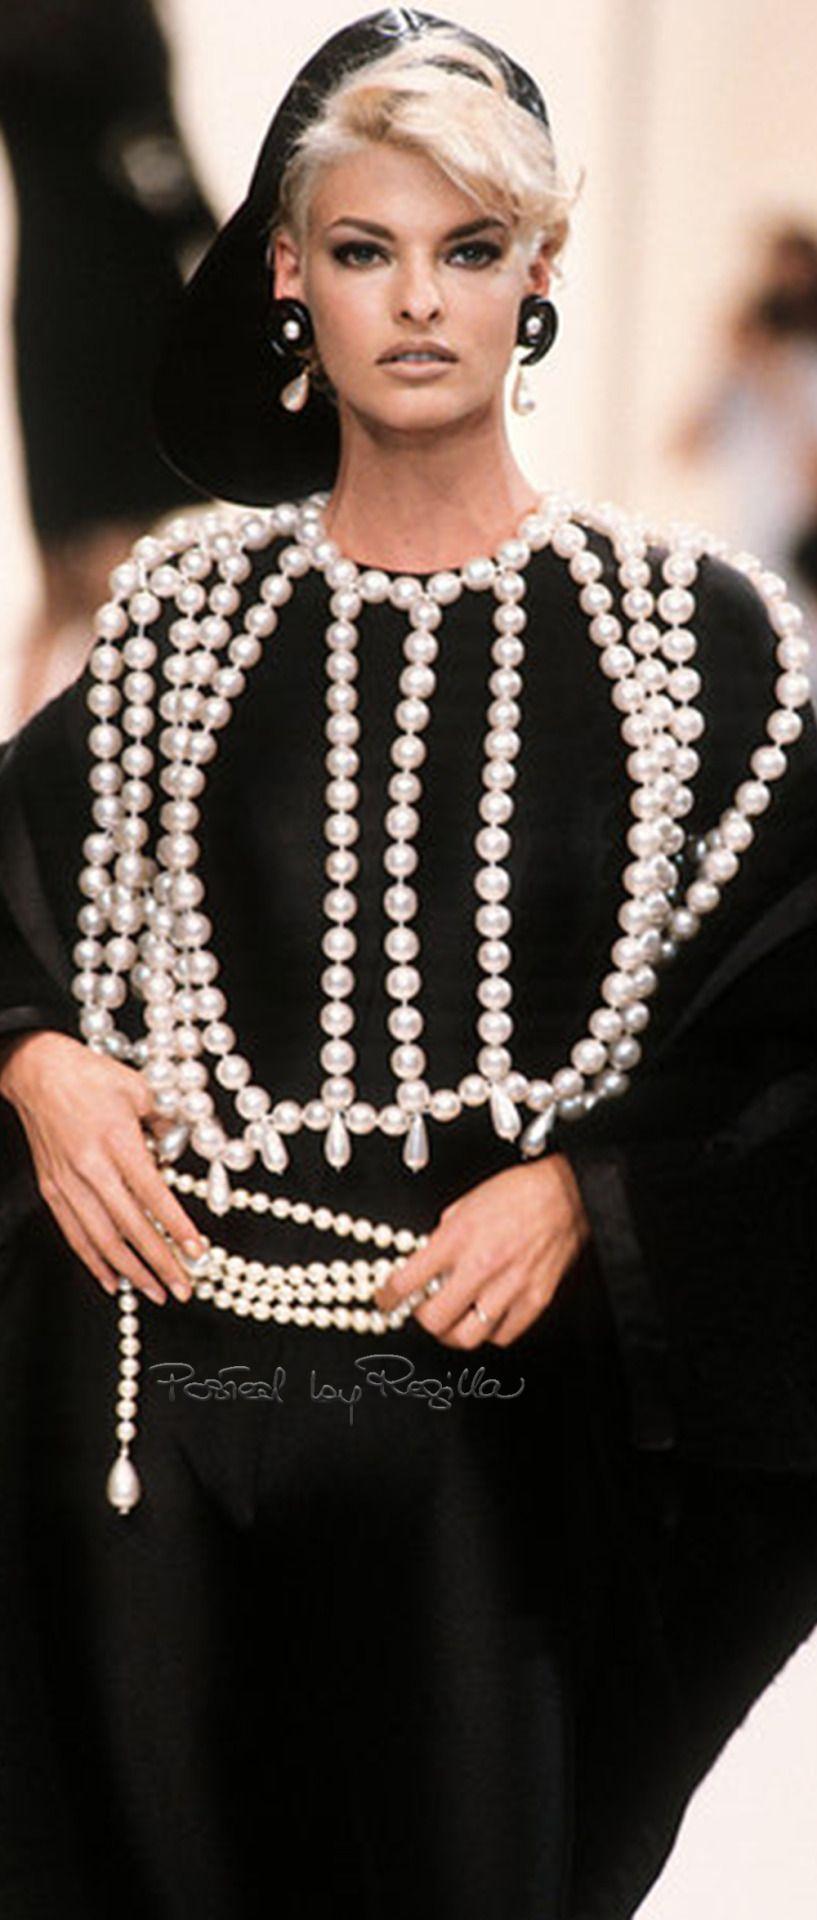 Regilla ⚜ Chanel, FW 1991/92